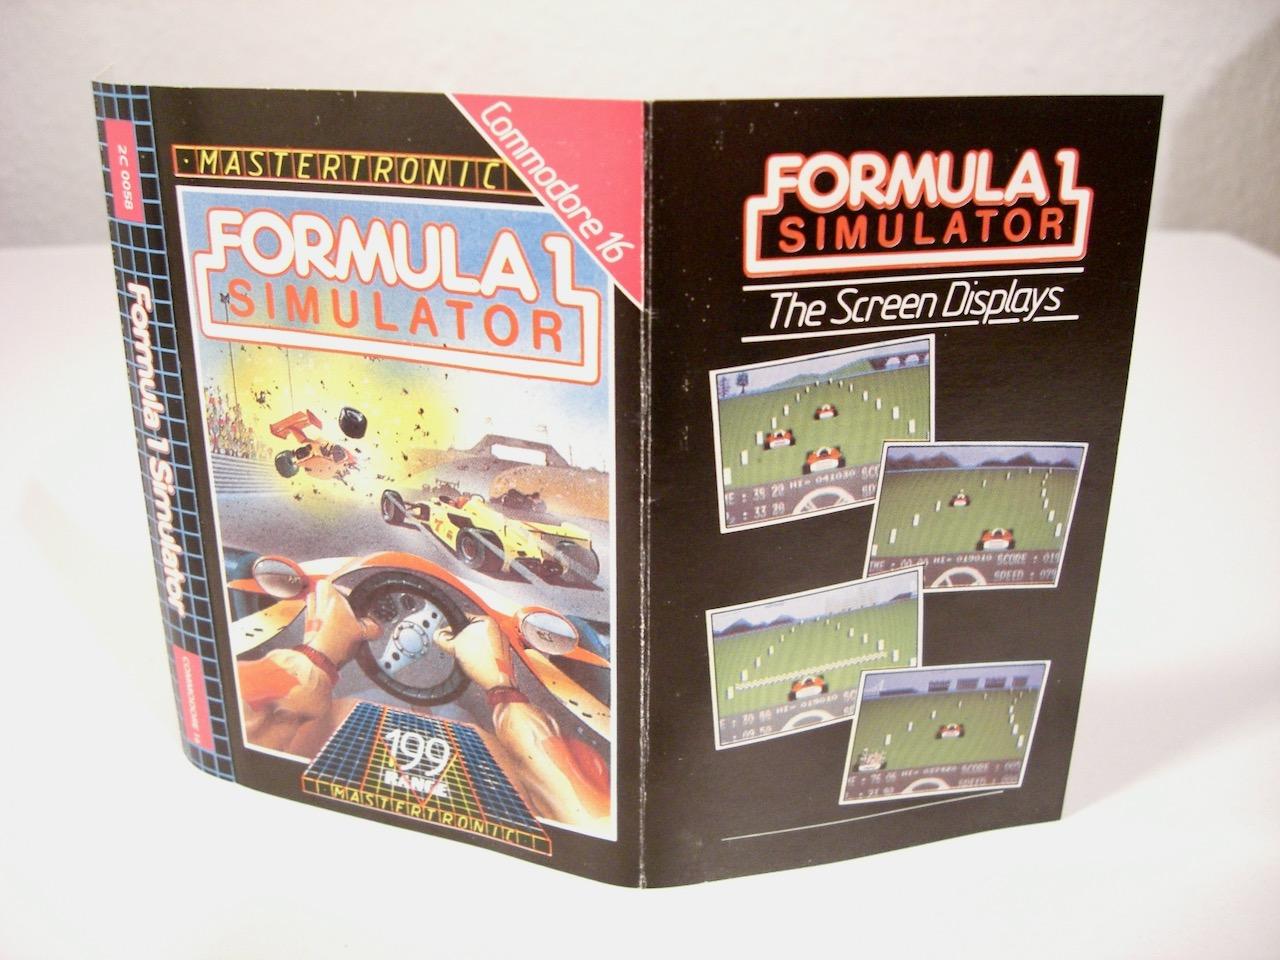 Die Anleitung der Autorennsimulation Formula One von Mastertronic für den Commodore 16. (Bild: André Eymann)